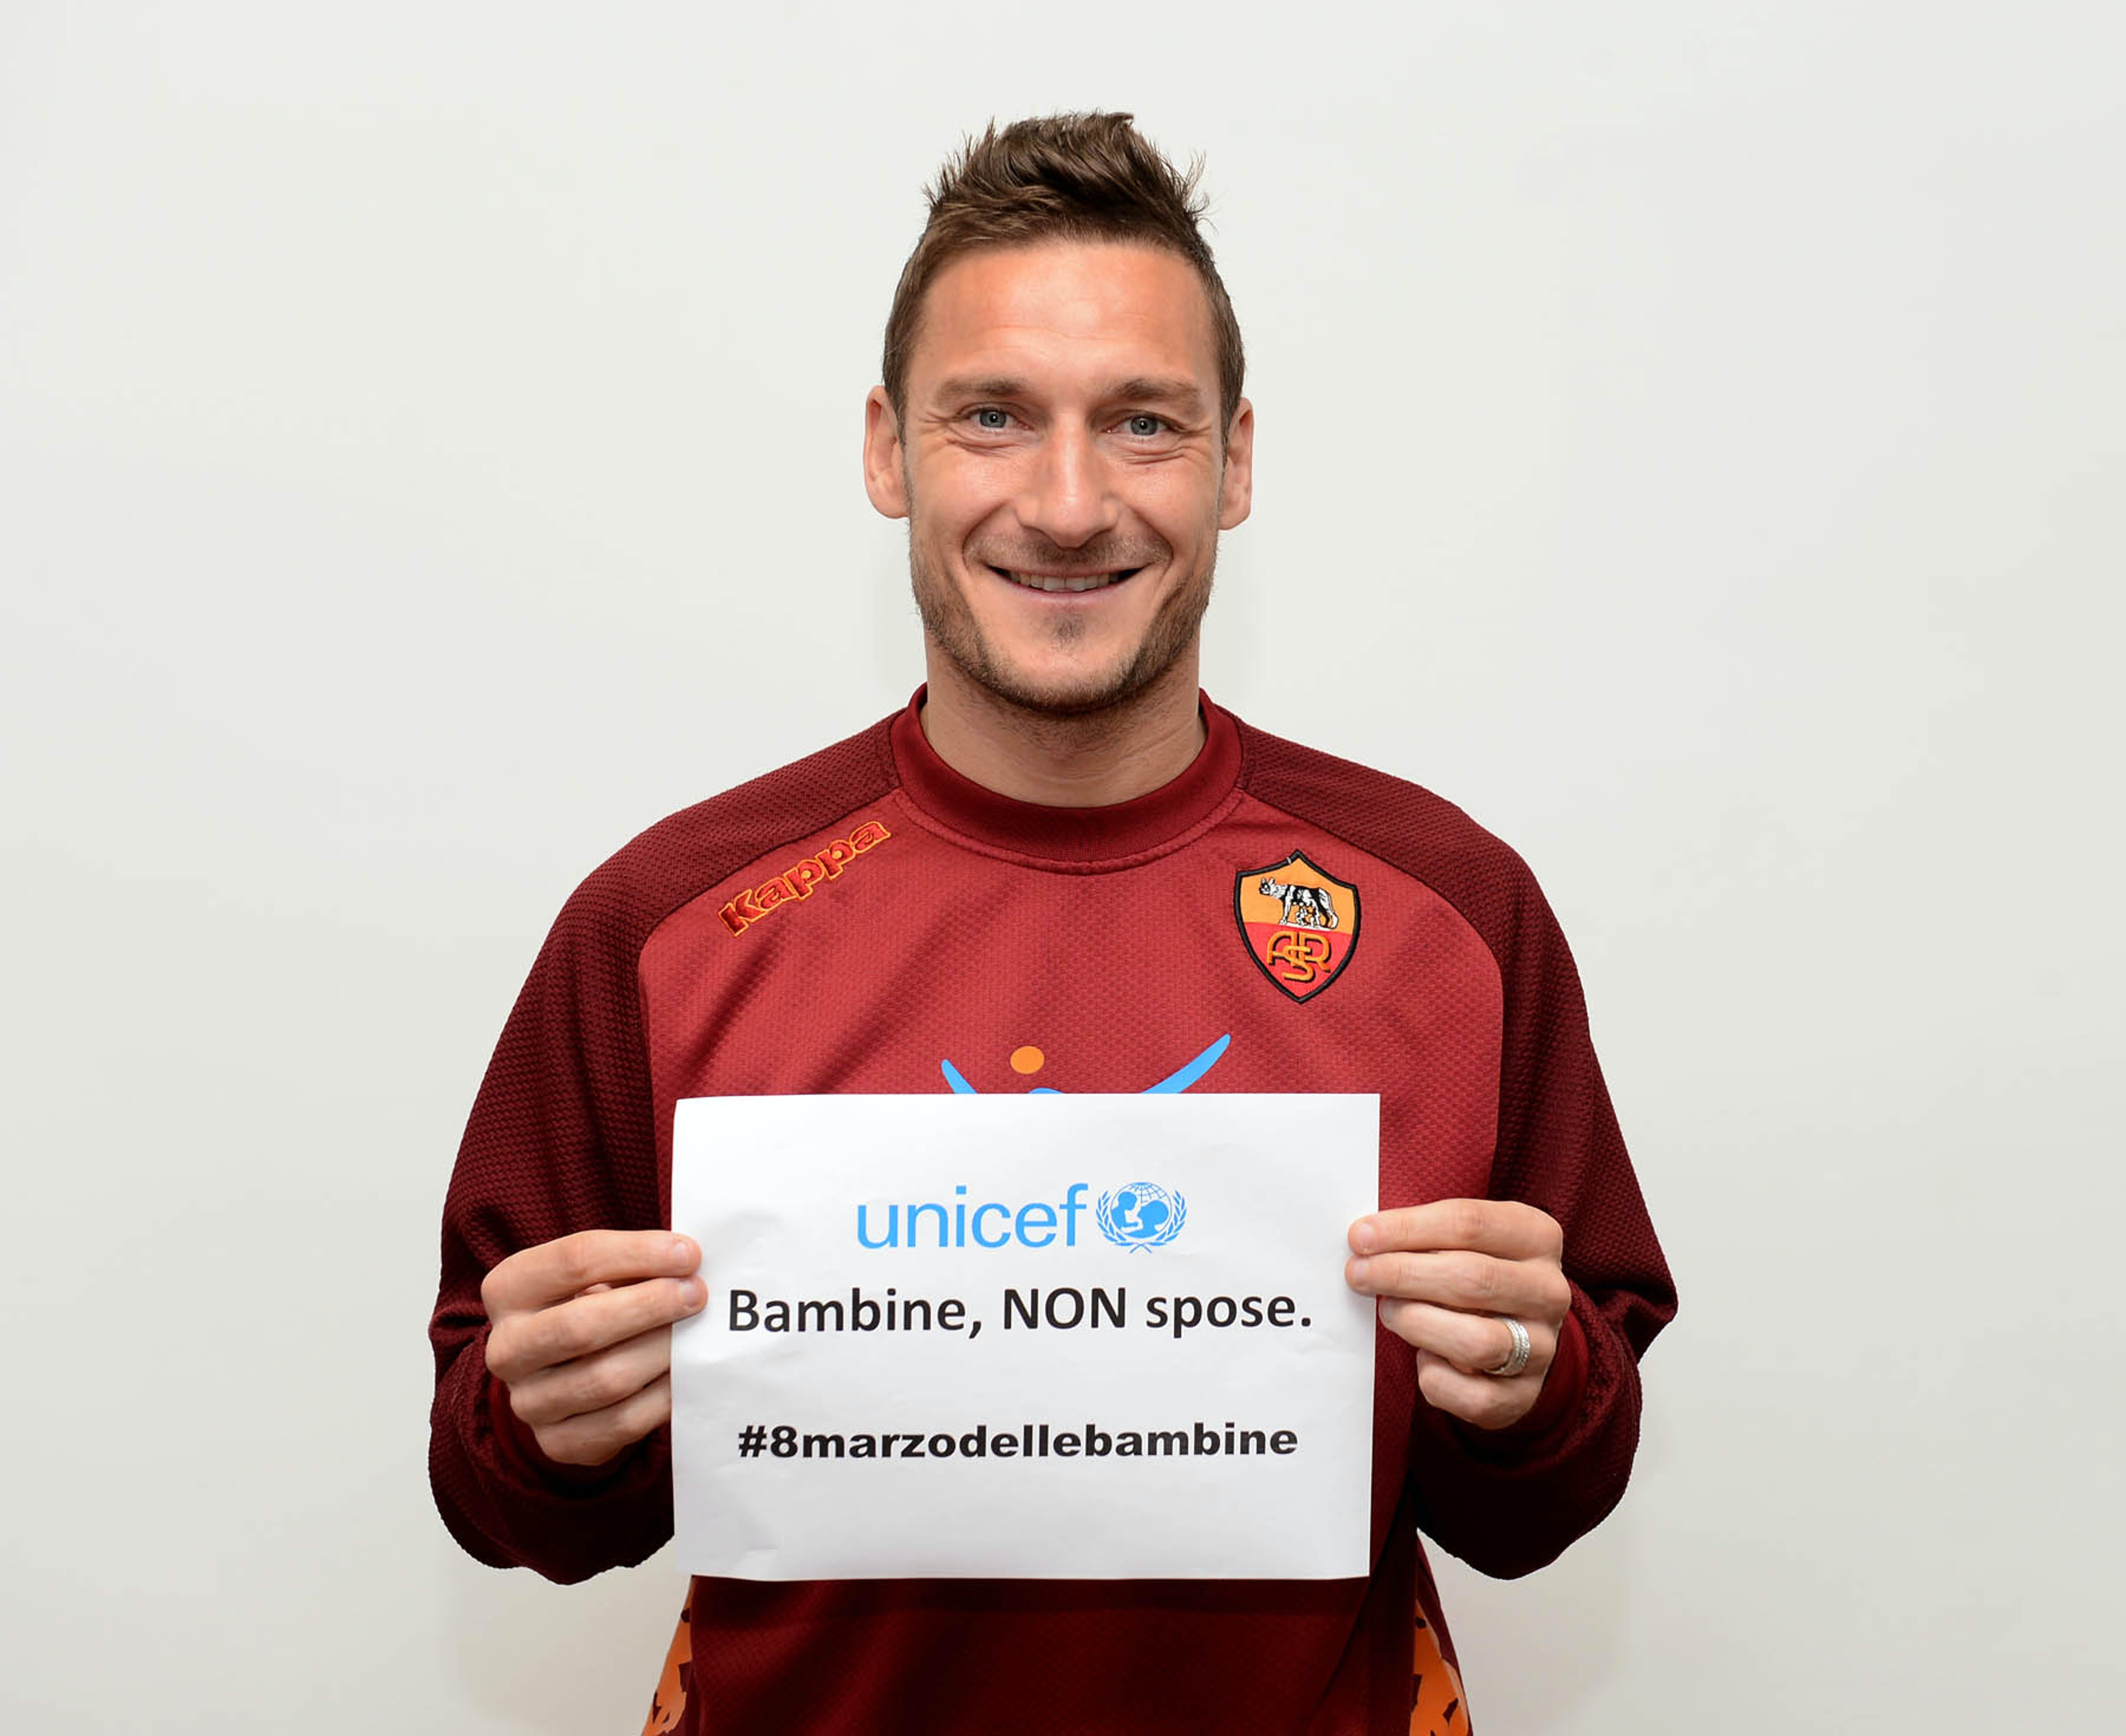 Francesco Totti con il messaggio dell'iniziativa #8marzodellebambine - Bambine non spose - ©AS Roma/2013